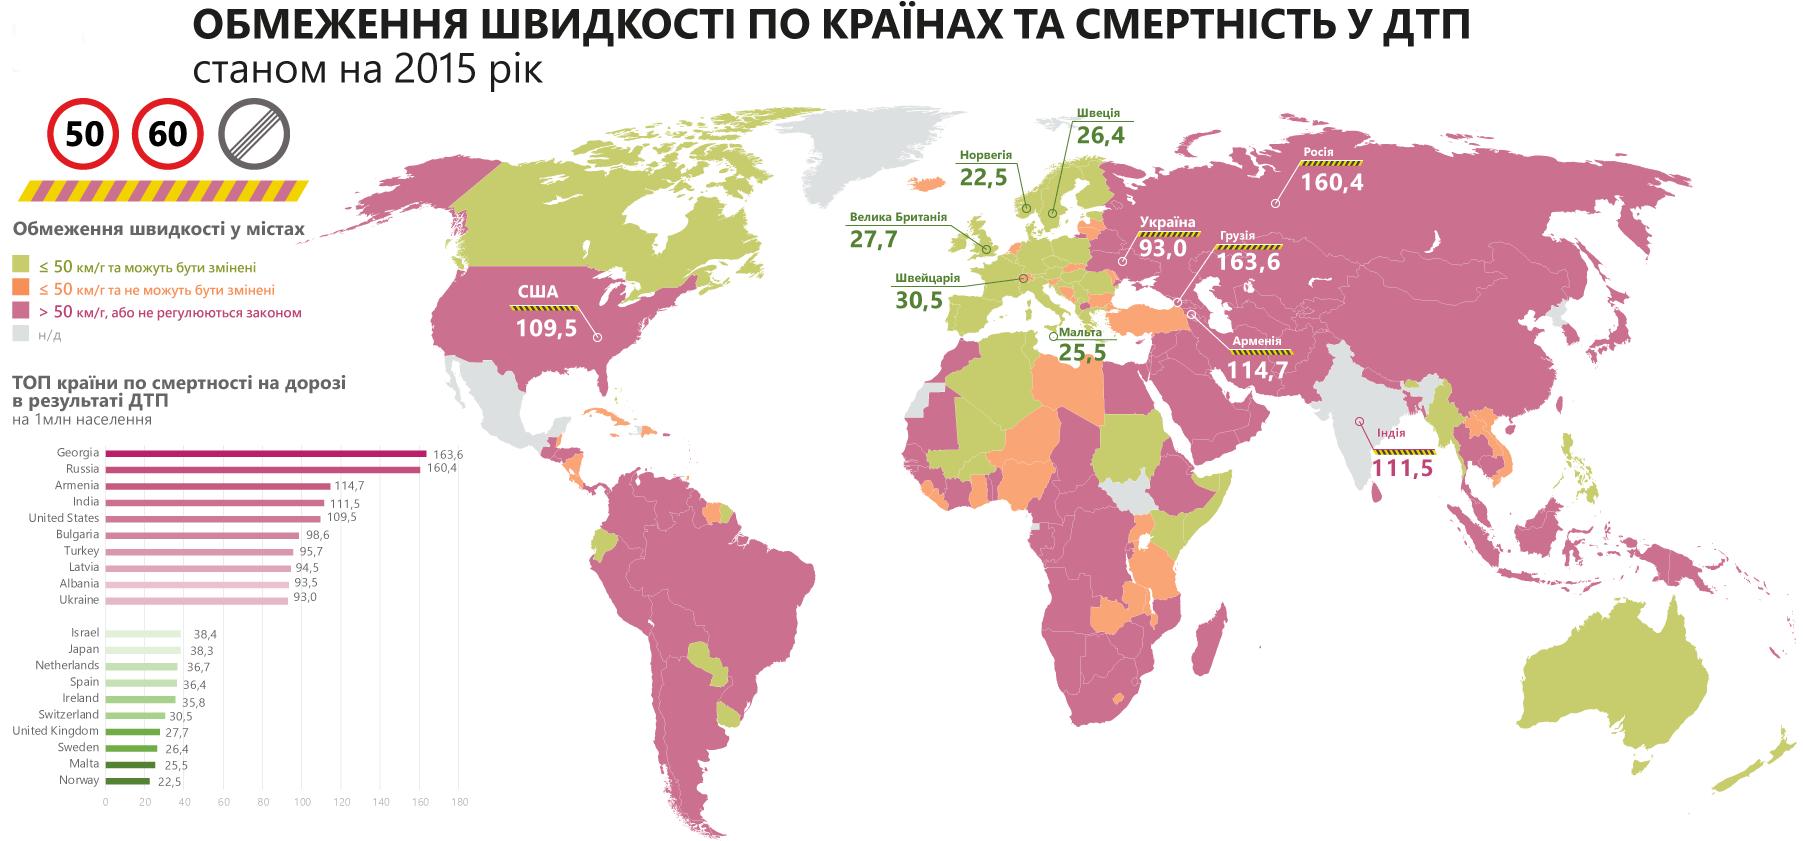 Карта стран мира по уровню смертности в ДТП